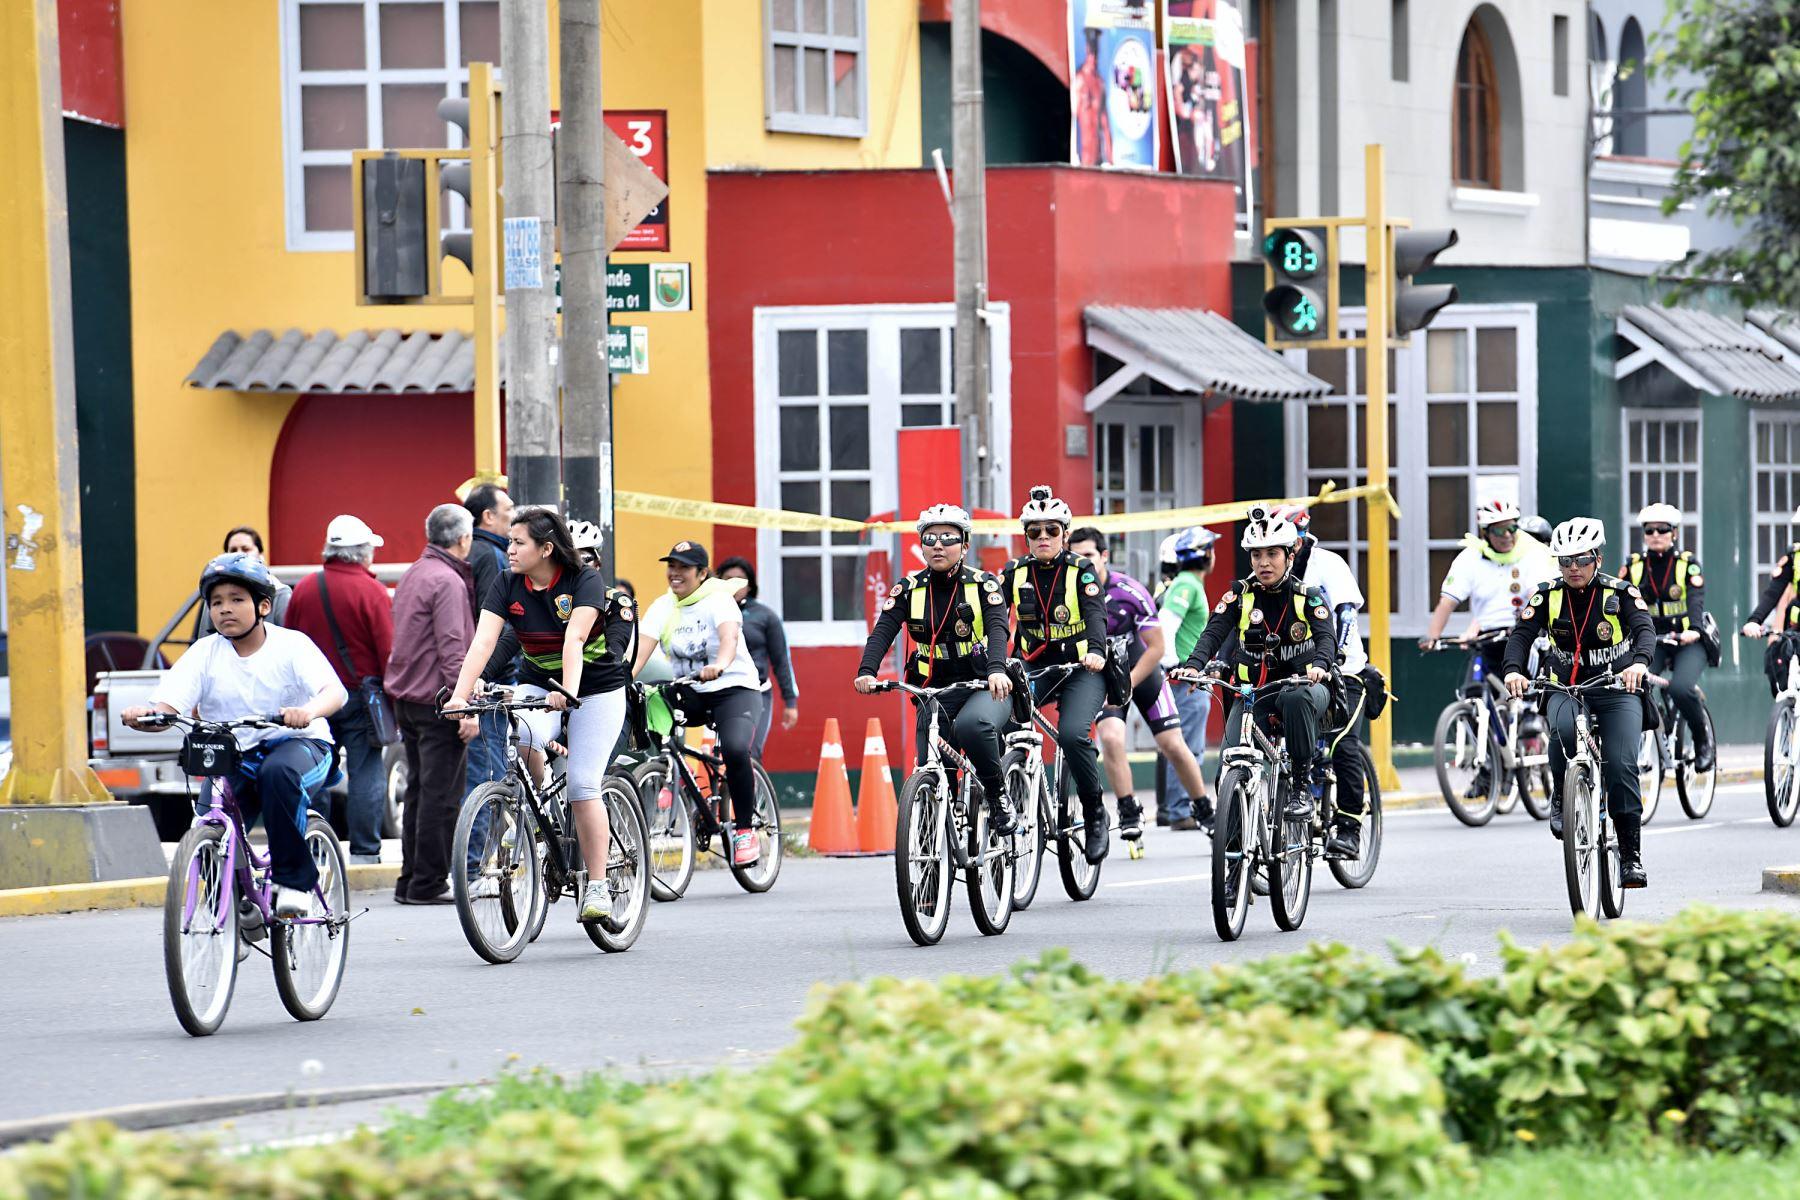 Ministerio del interior organiza bicicleteada para for Ministerio del interior transparencia